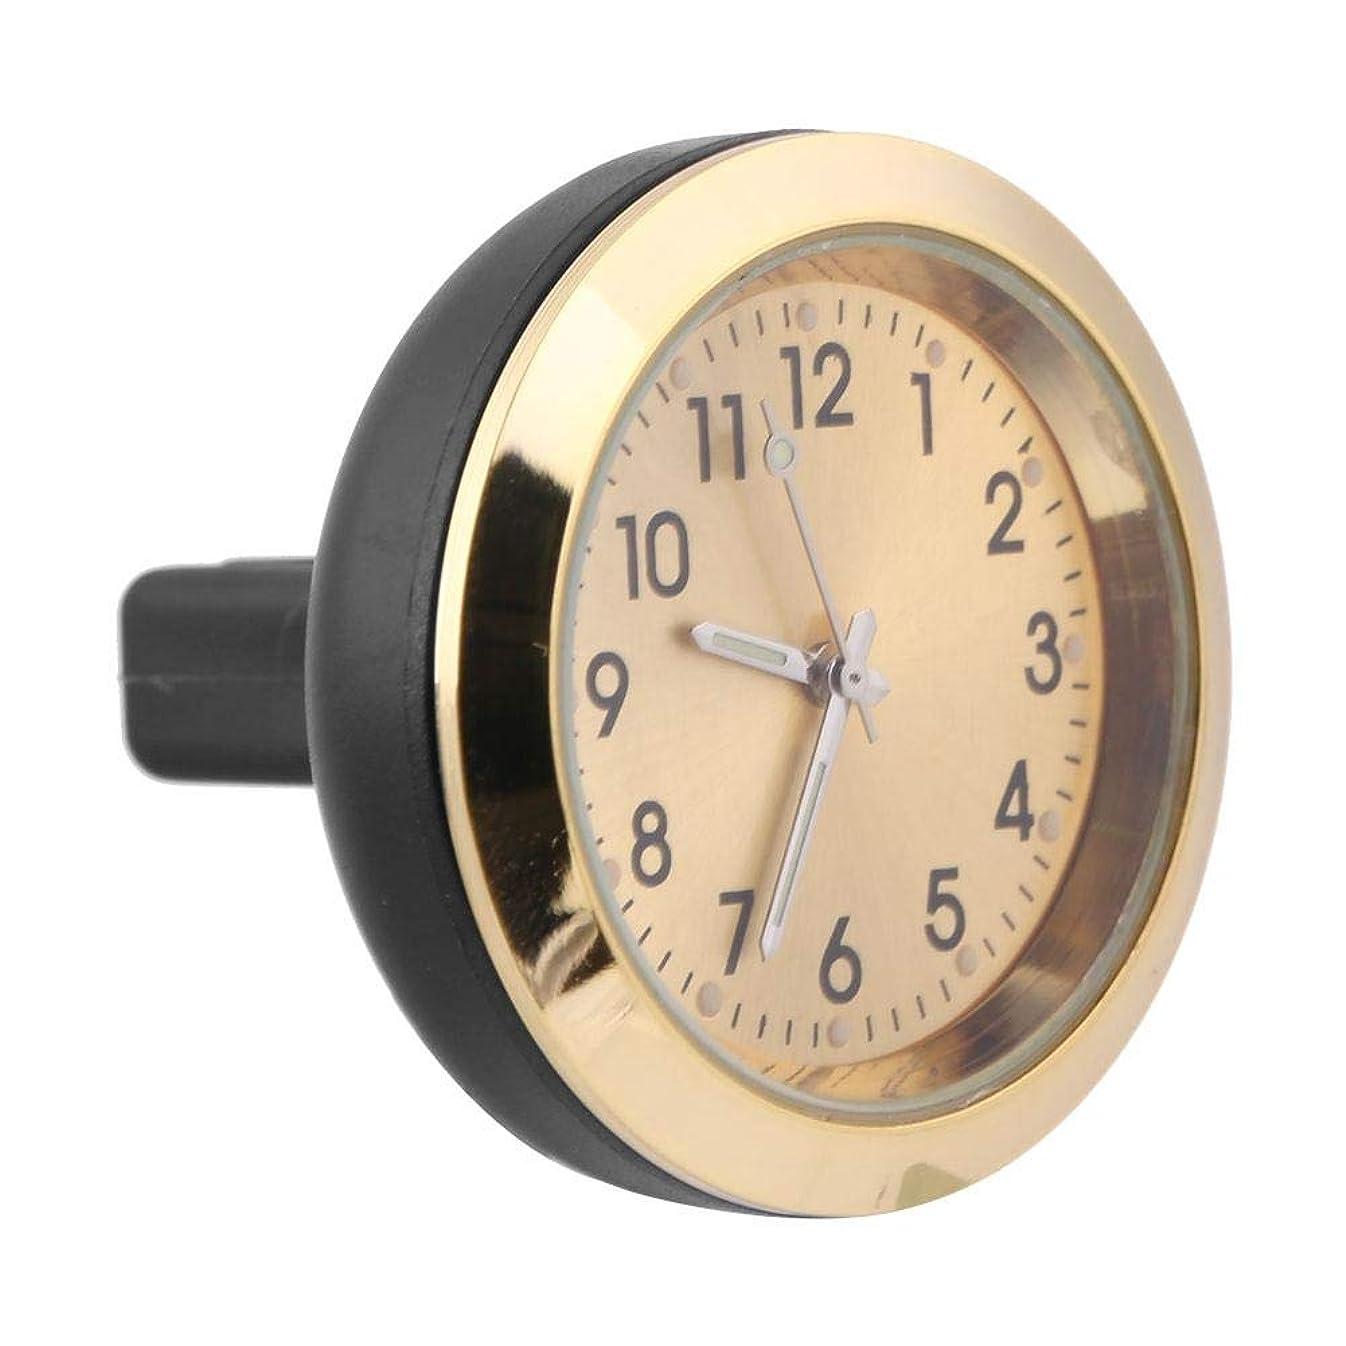 マニア要求トランザクションDuokon 金属+プラスチック+ガラス カークロック、 車内アロマテラピー時計エアアウトレットクリップゲージ 電子時計香水詰め替え(金)